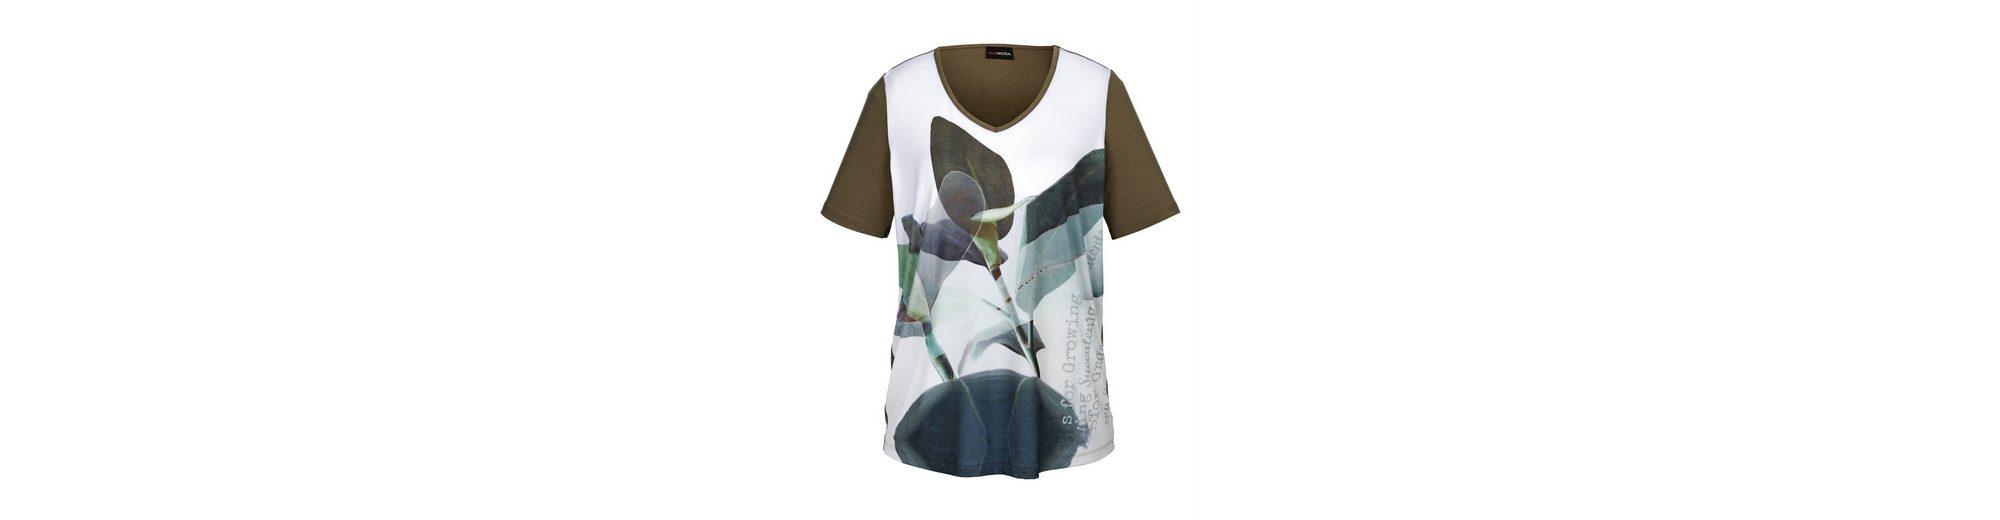 In Deutschland Günstig Online MIAMODA Shirt mit Blättermotiv-Druck Countdown-Paket LUXQh2TDr